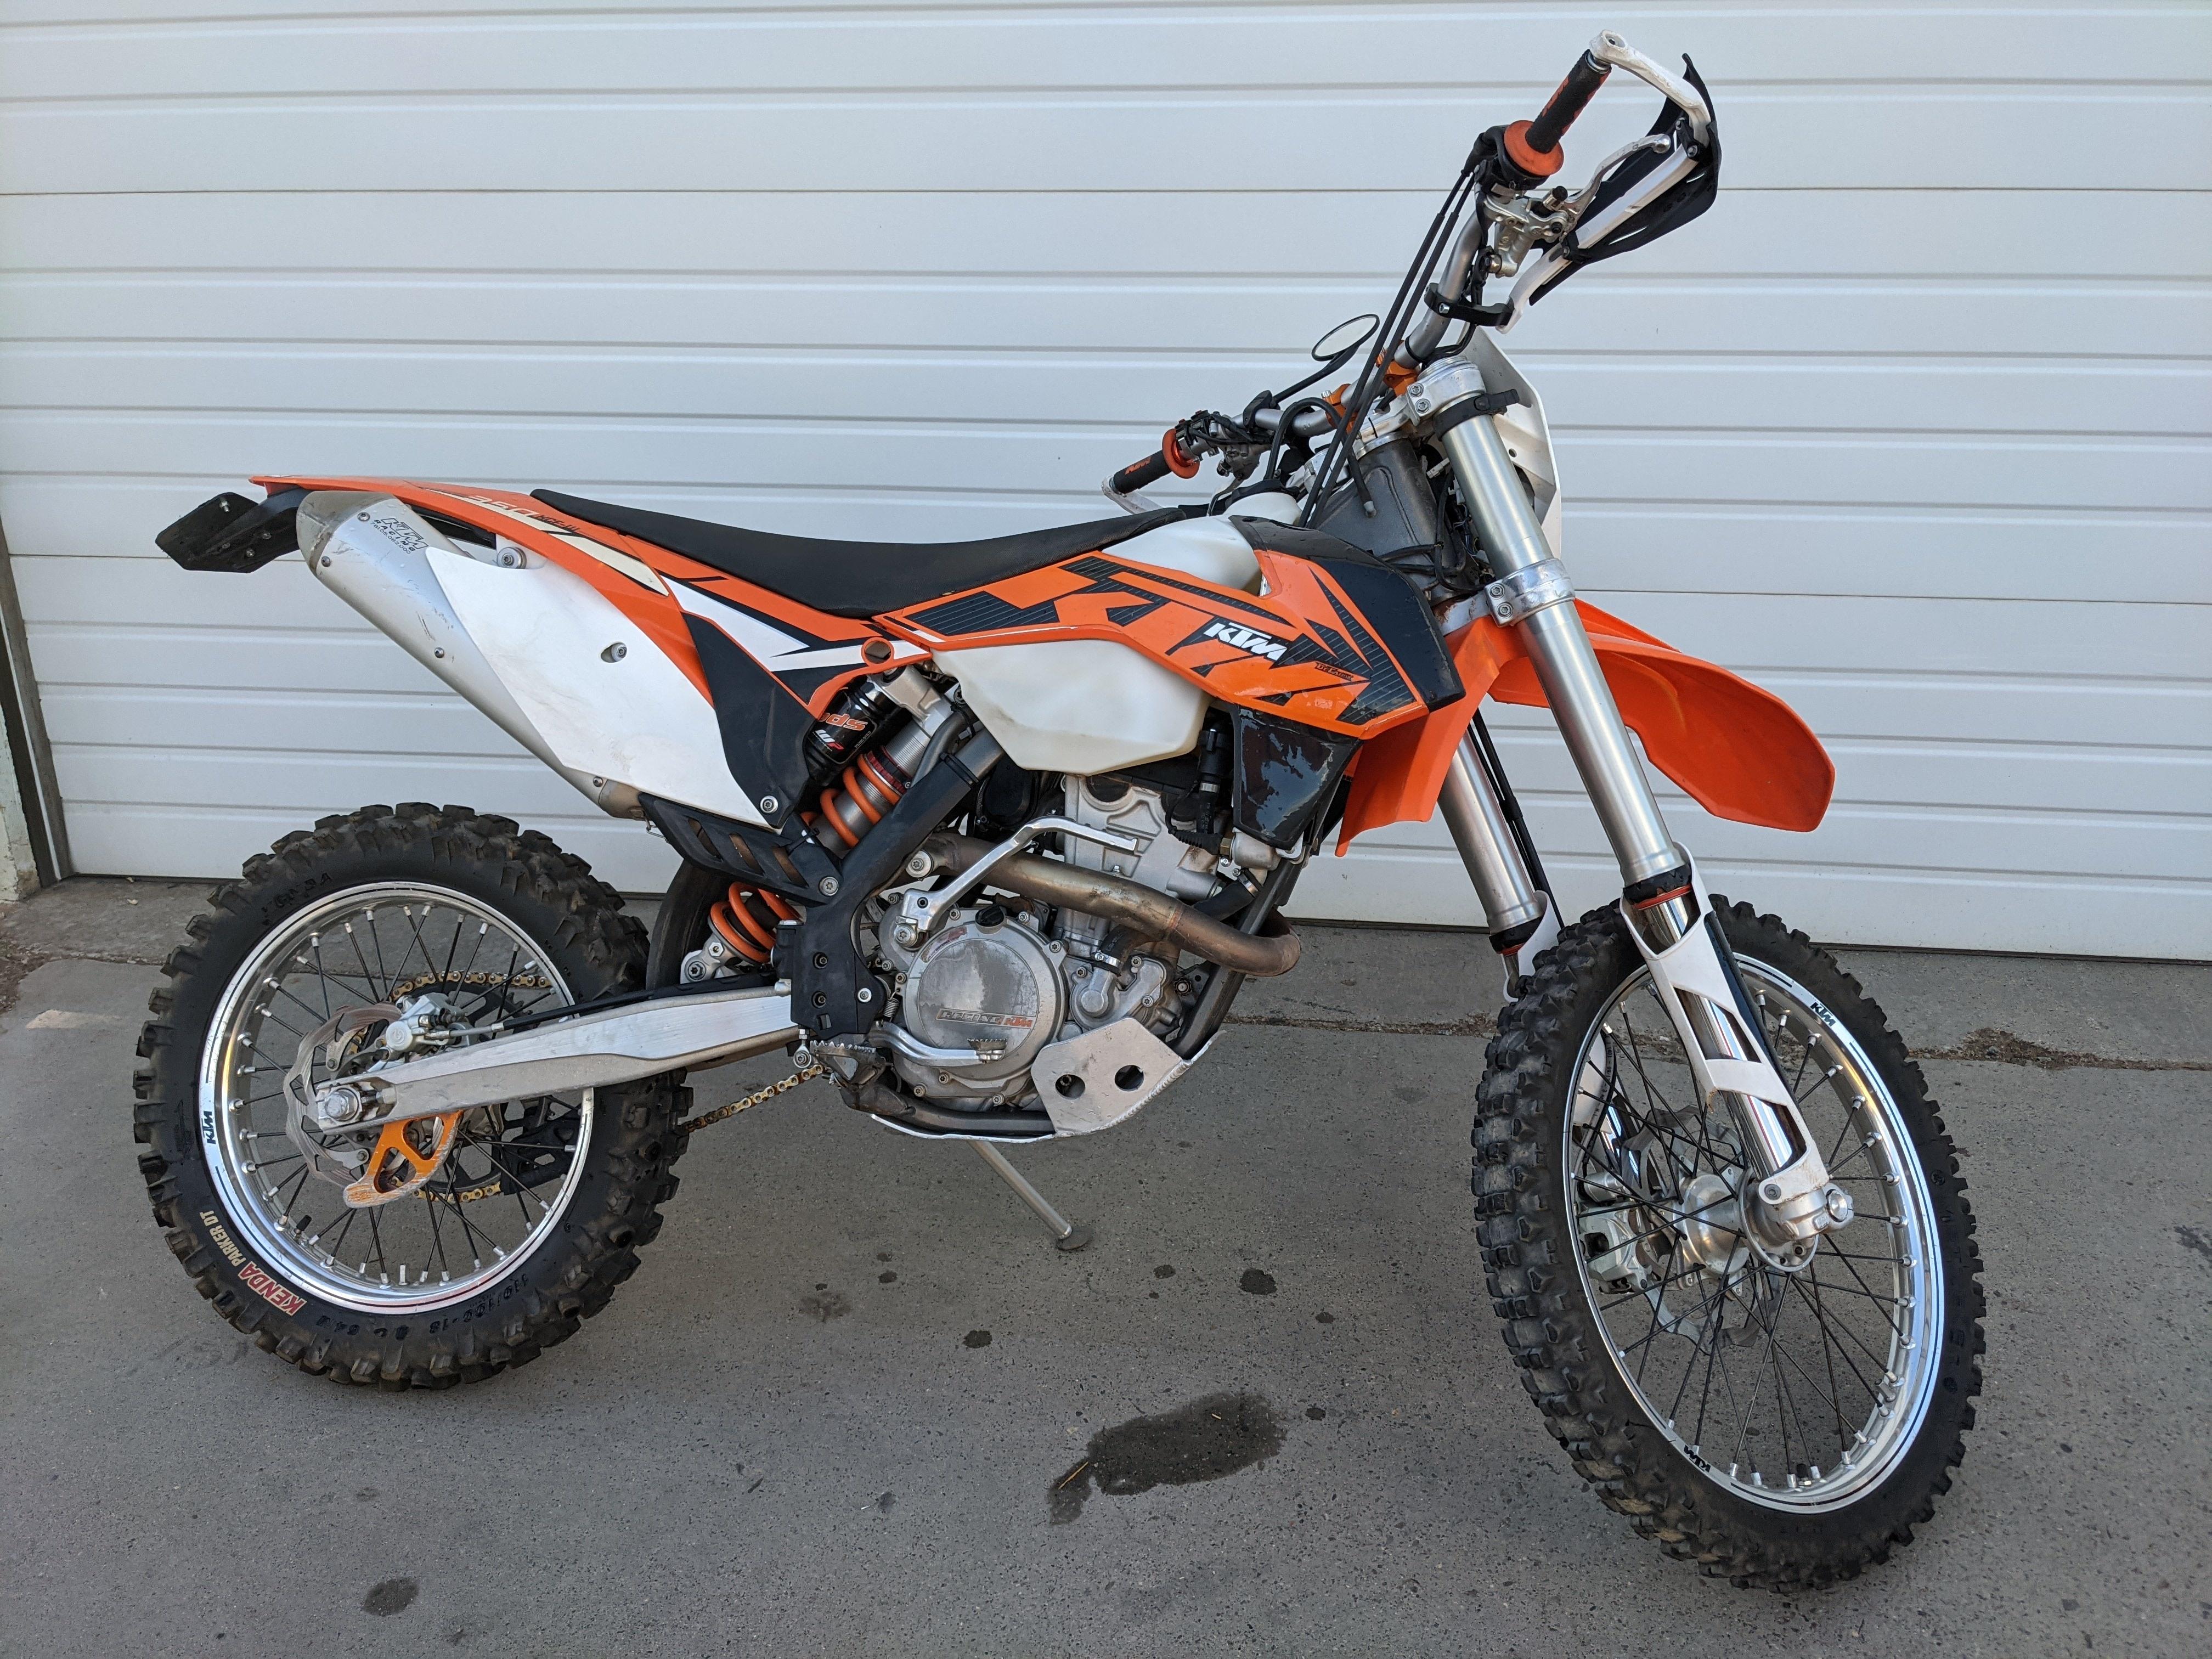 Photo Used 2014 KTM Dirt Bike Motorcycle  $6799